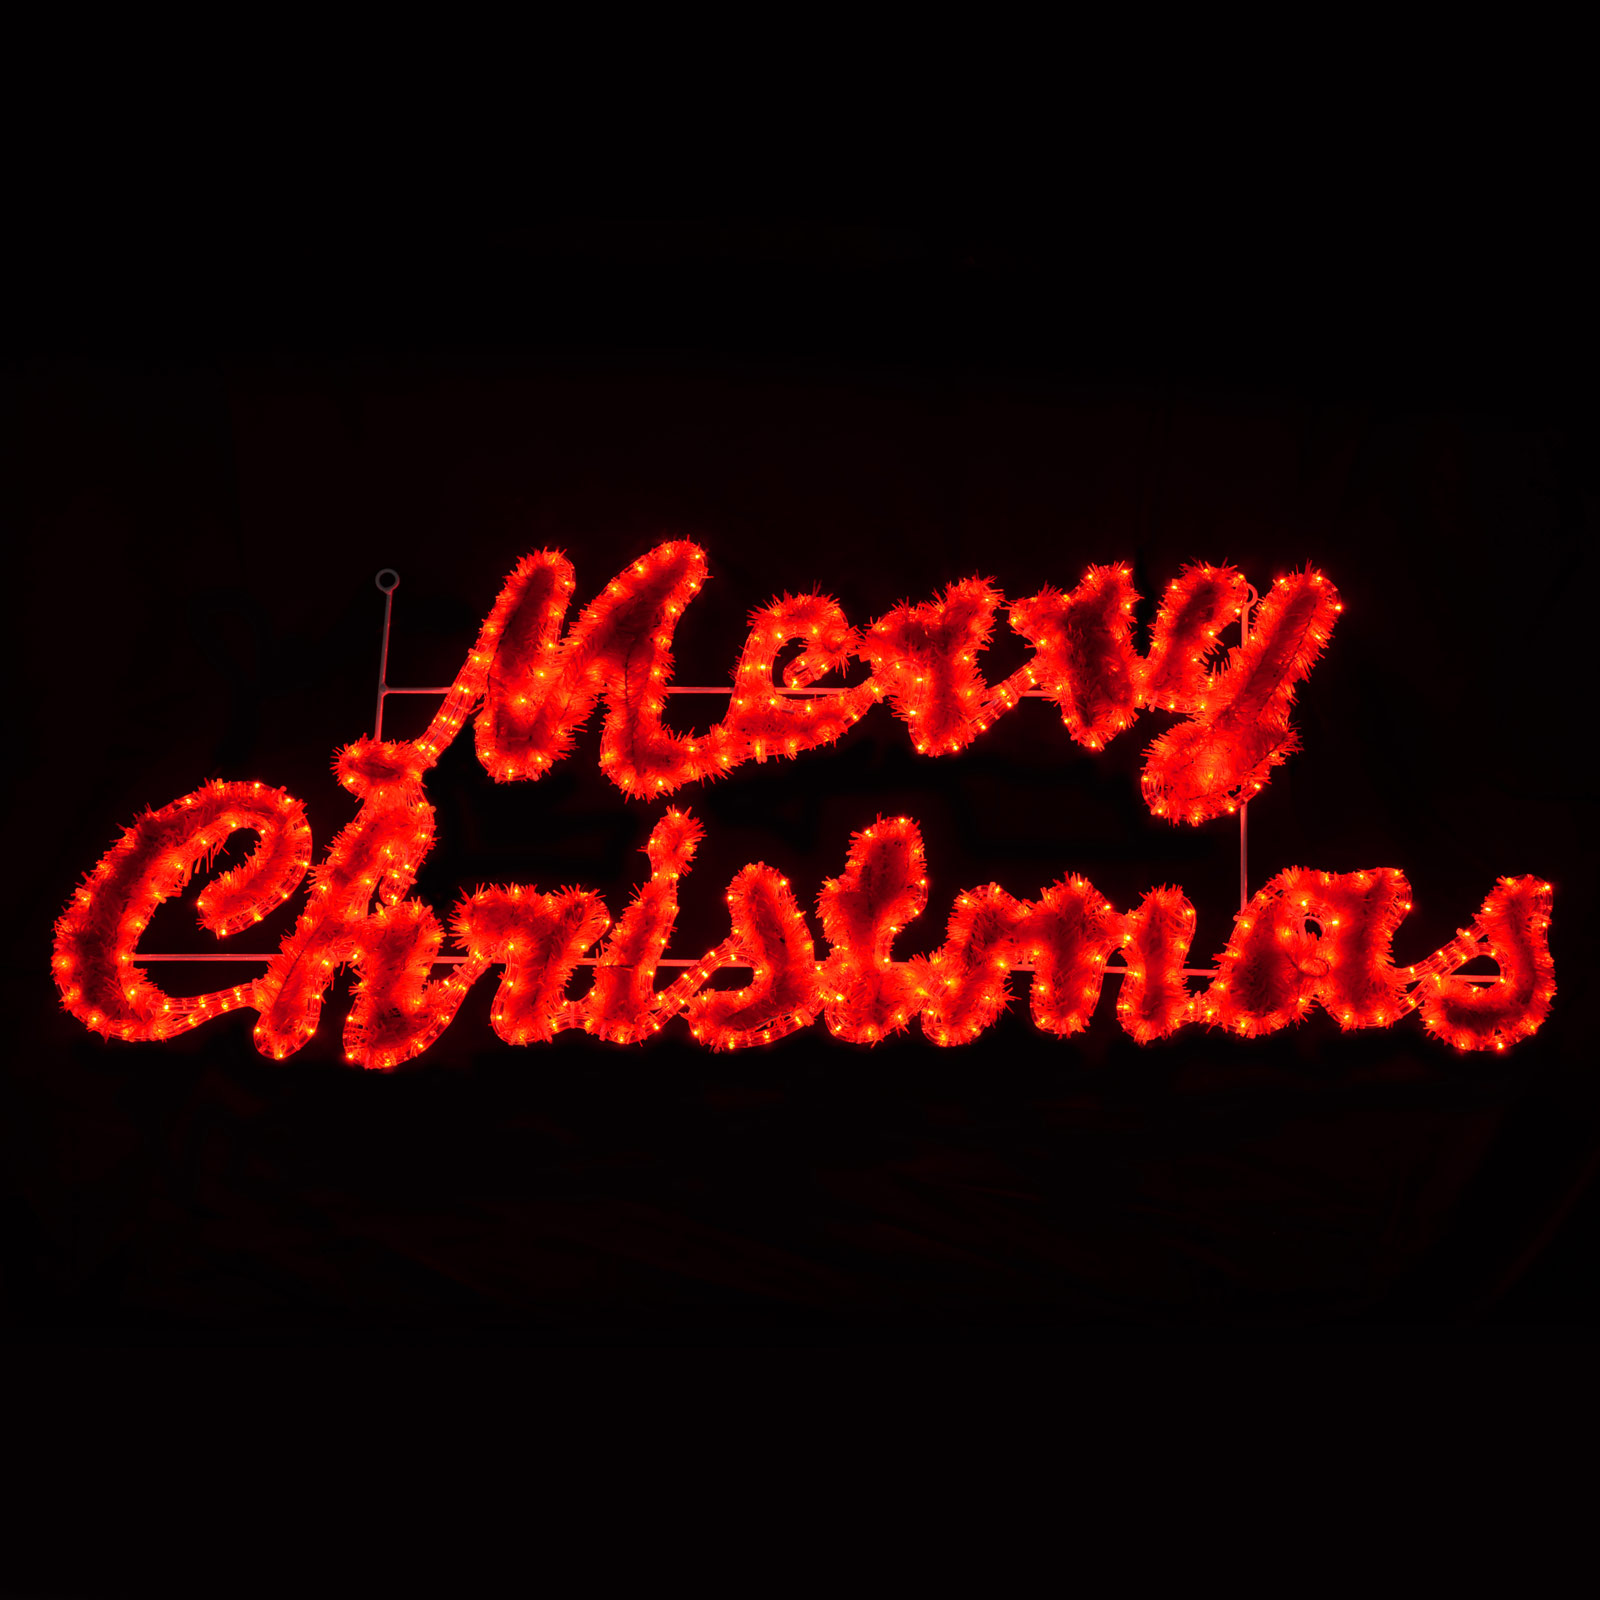 Homemade Christmas Stockings For Sale